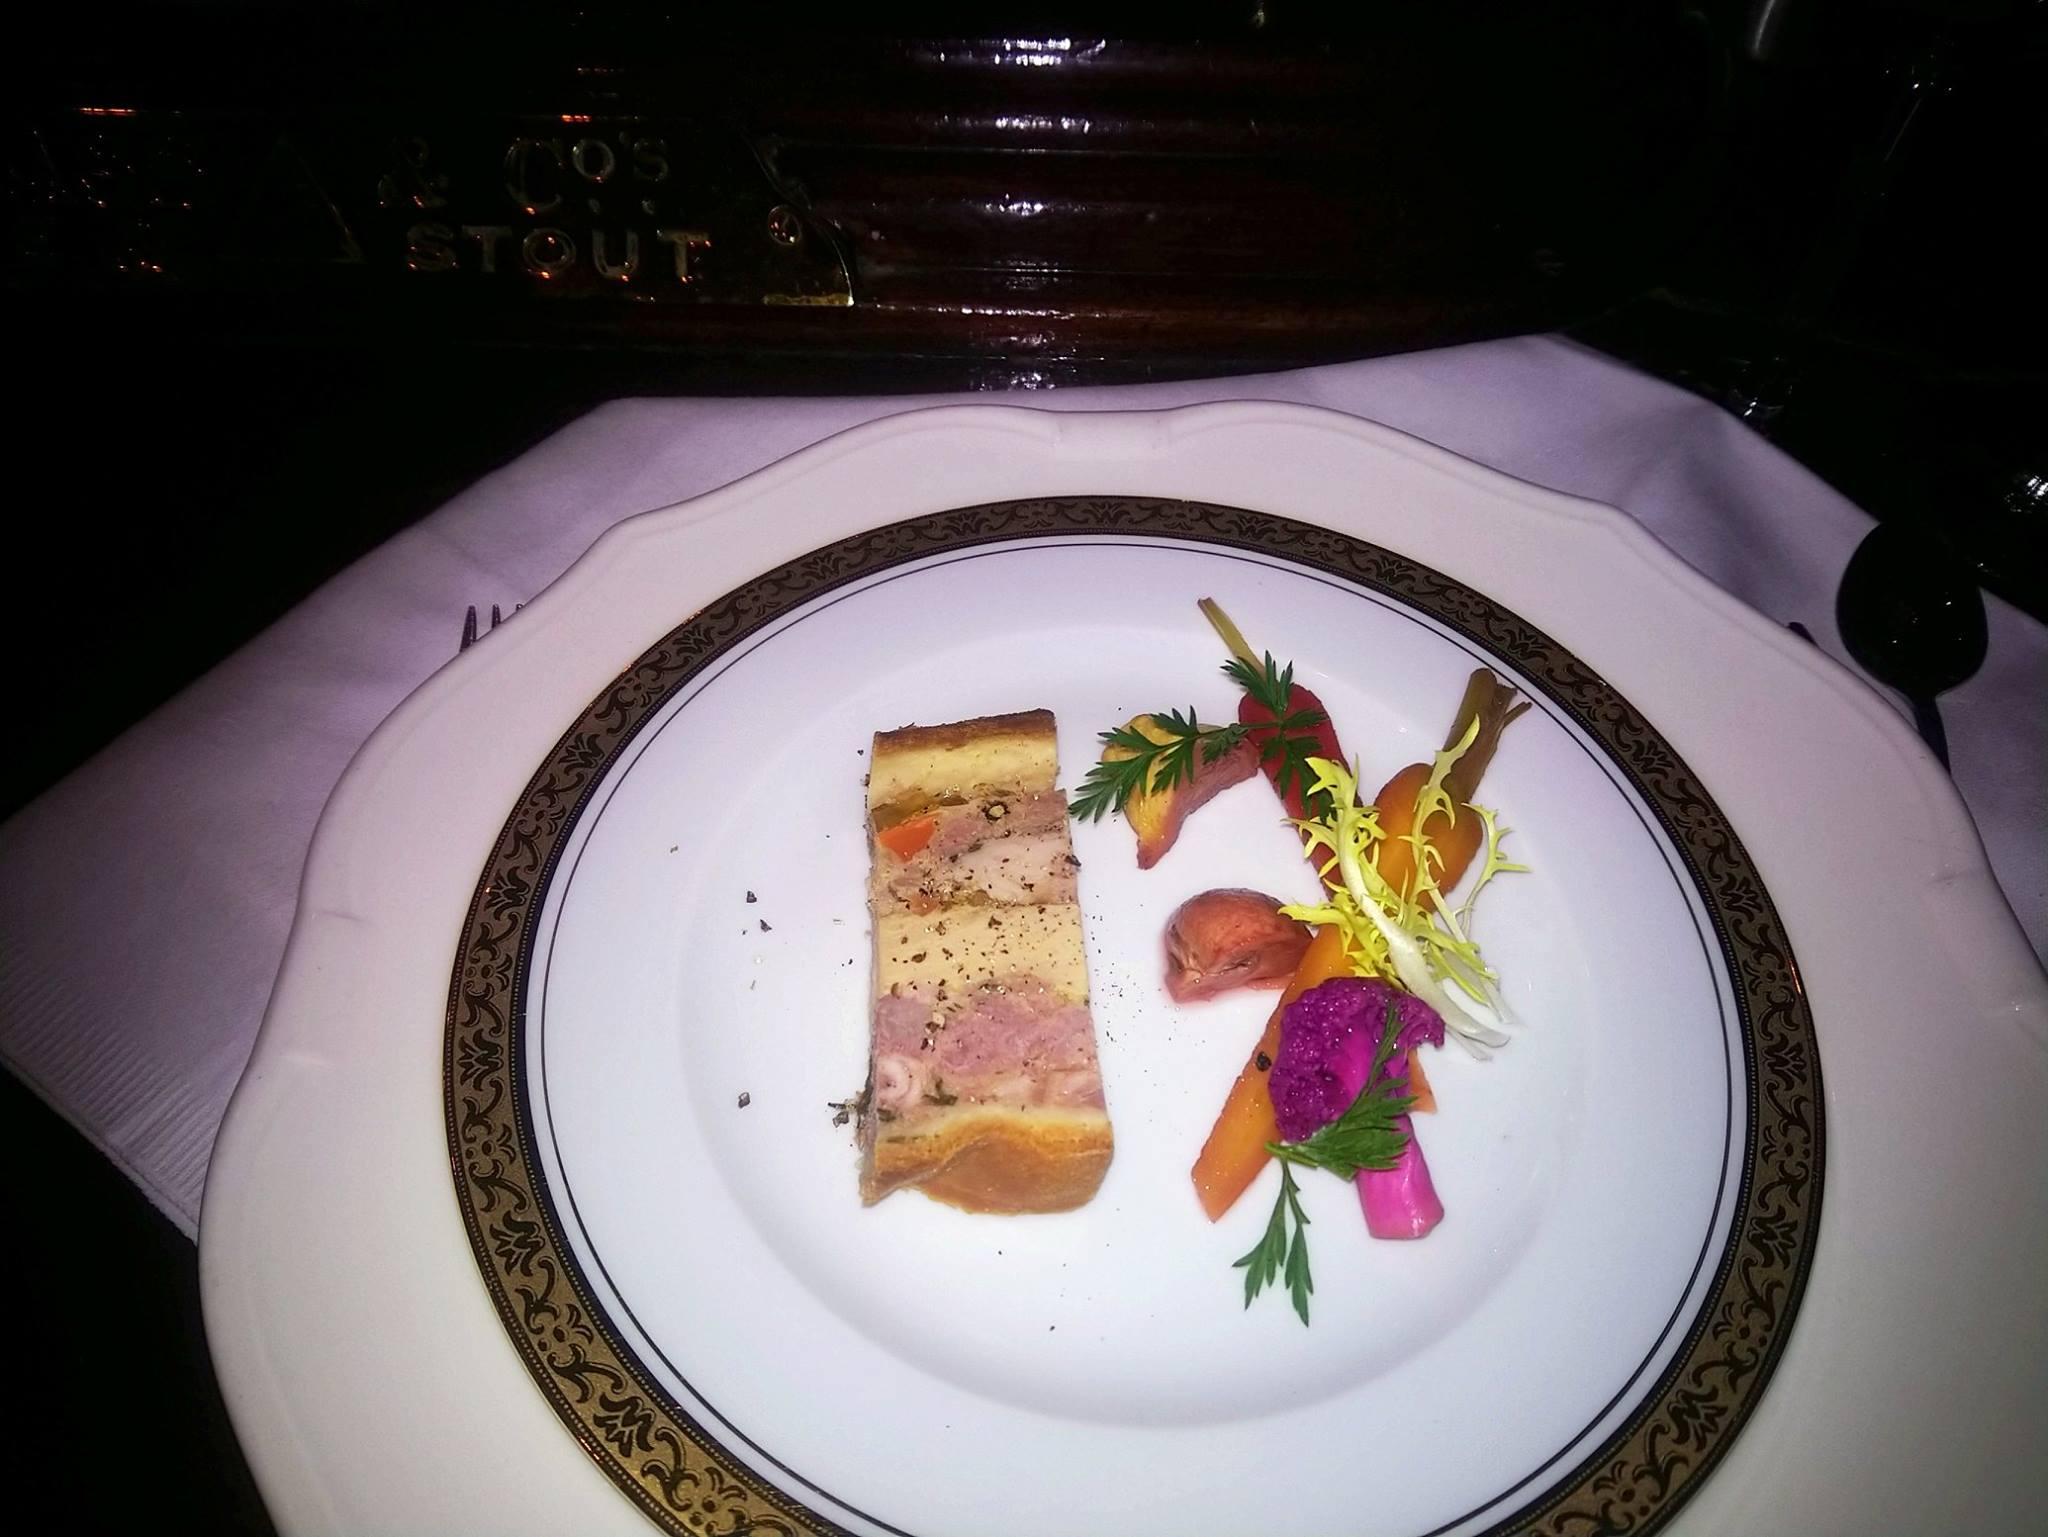 Le Gallopin, Paris : oreiller de la belle Aurore (porc, veau, canard, foie gras, lapin), servi avec des pickles de légumes d'hiver au vinaigre de cidre